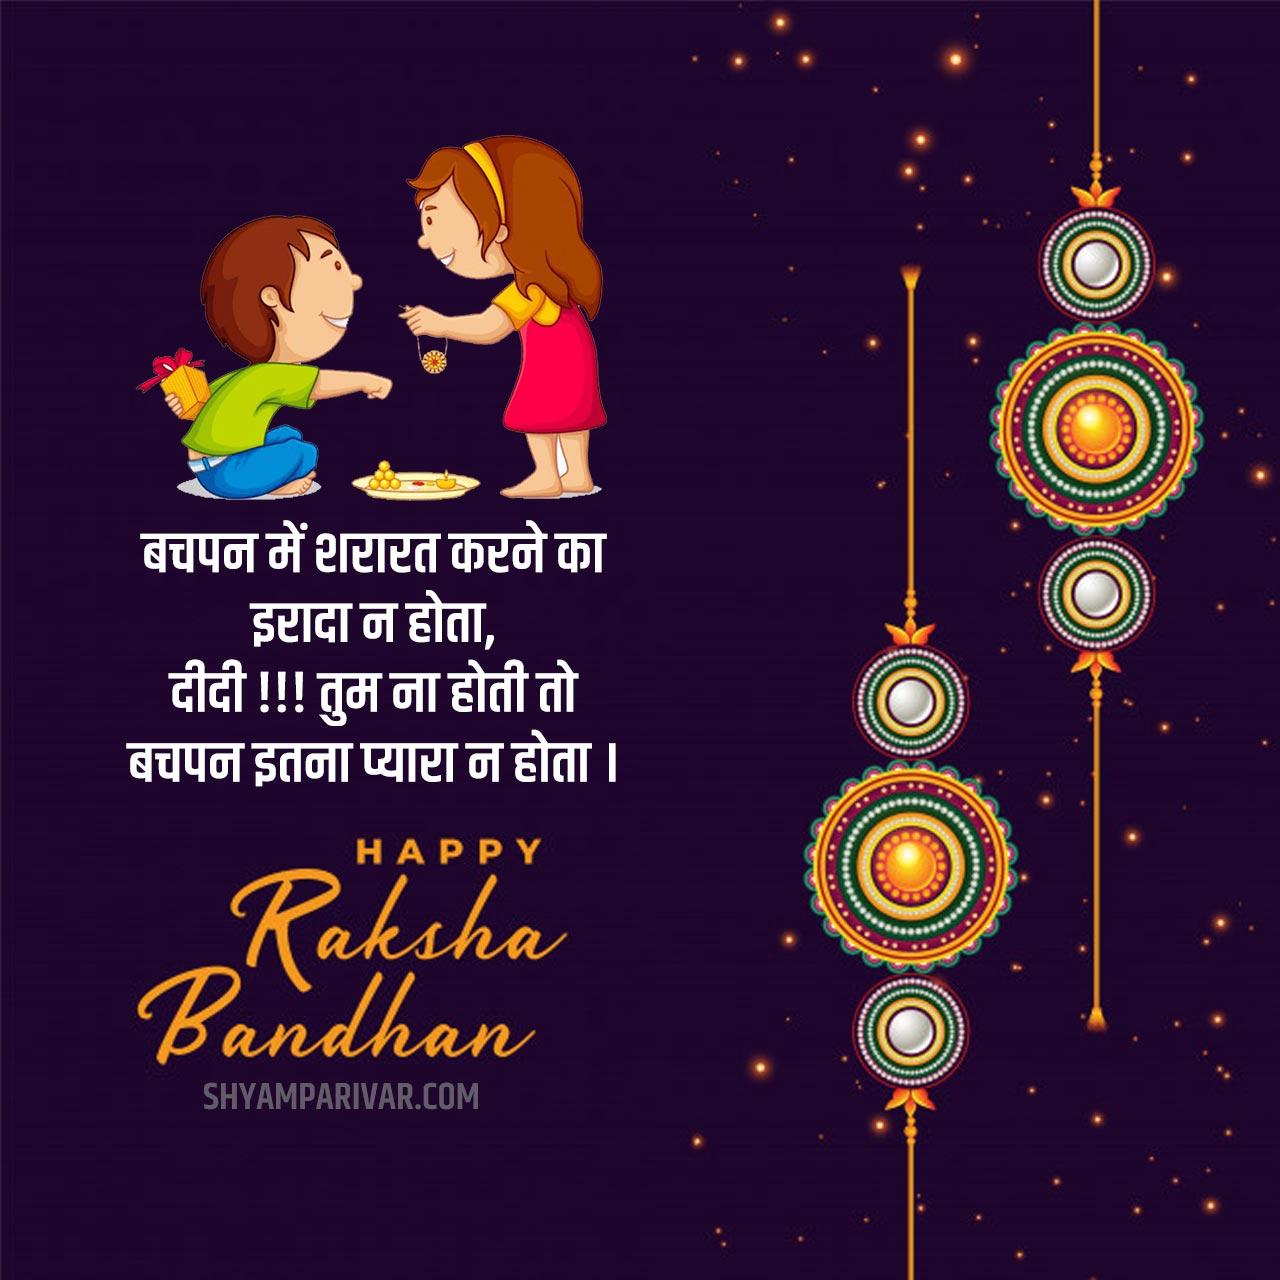 Happy Rakhi photo with quote